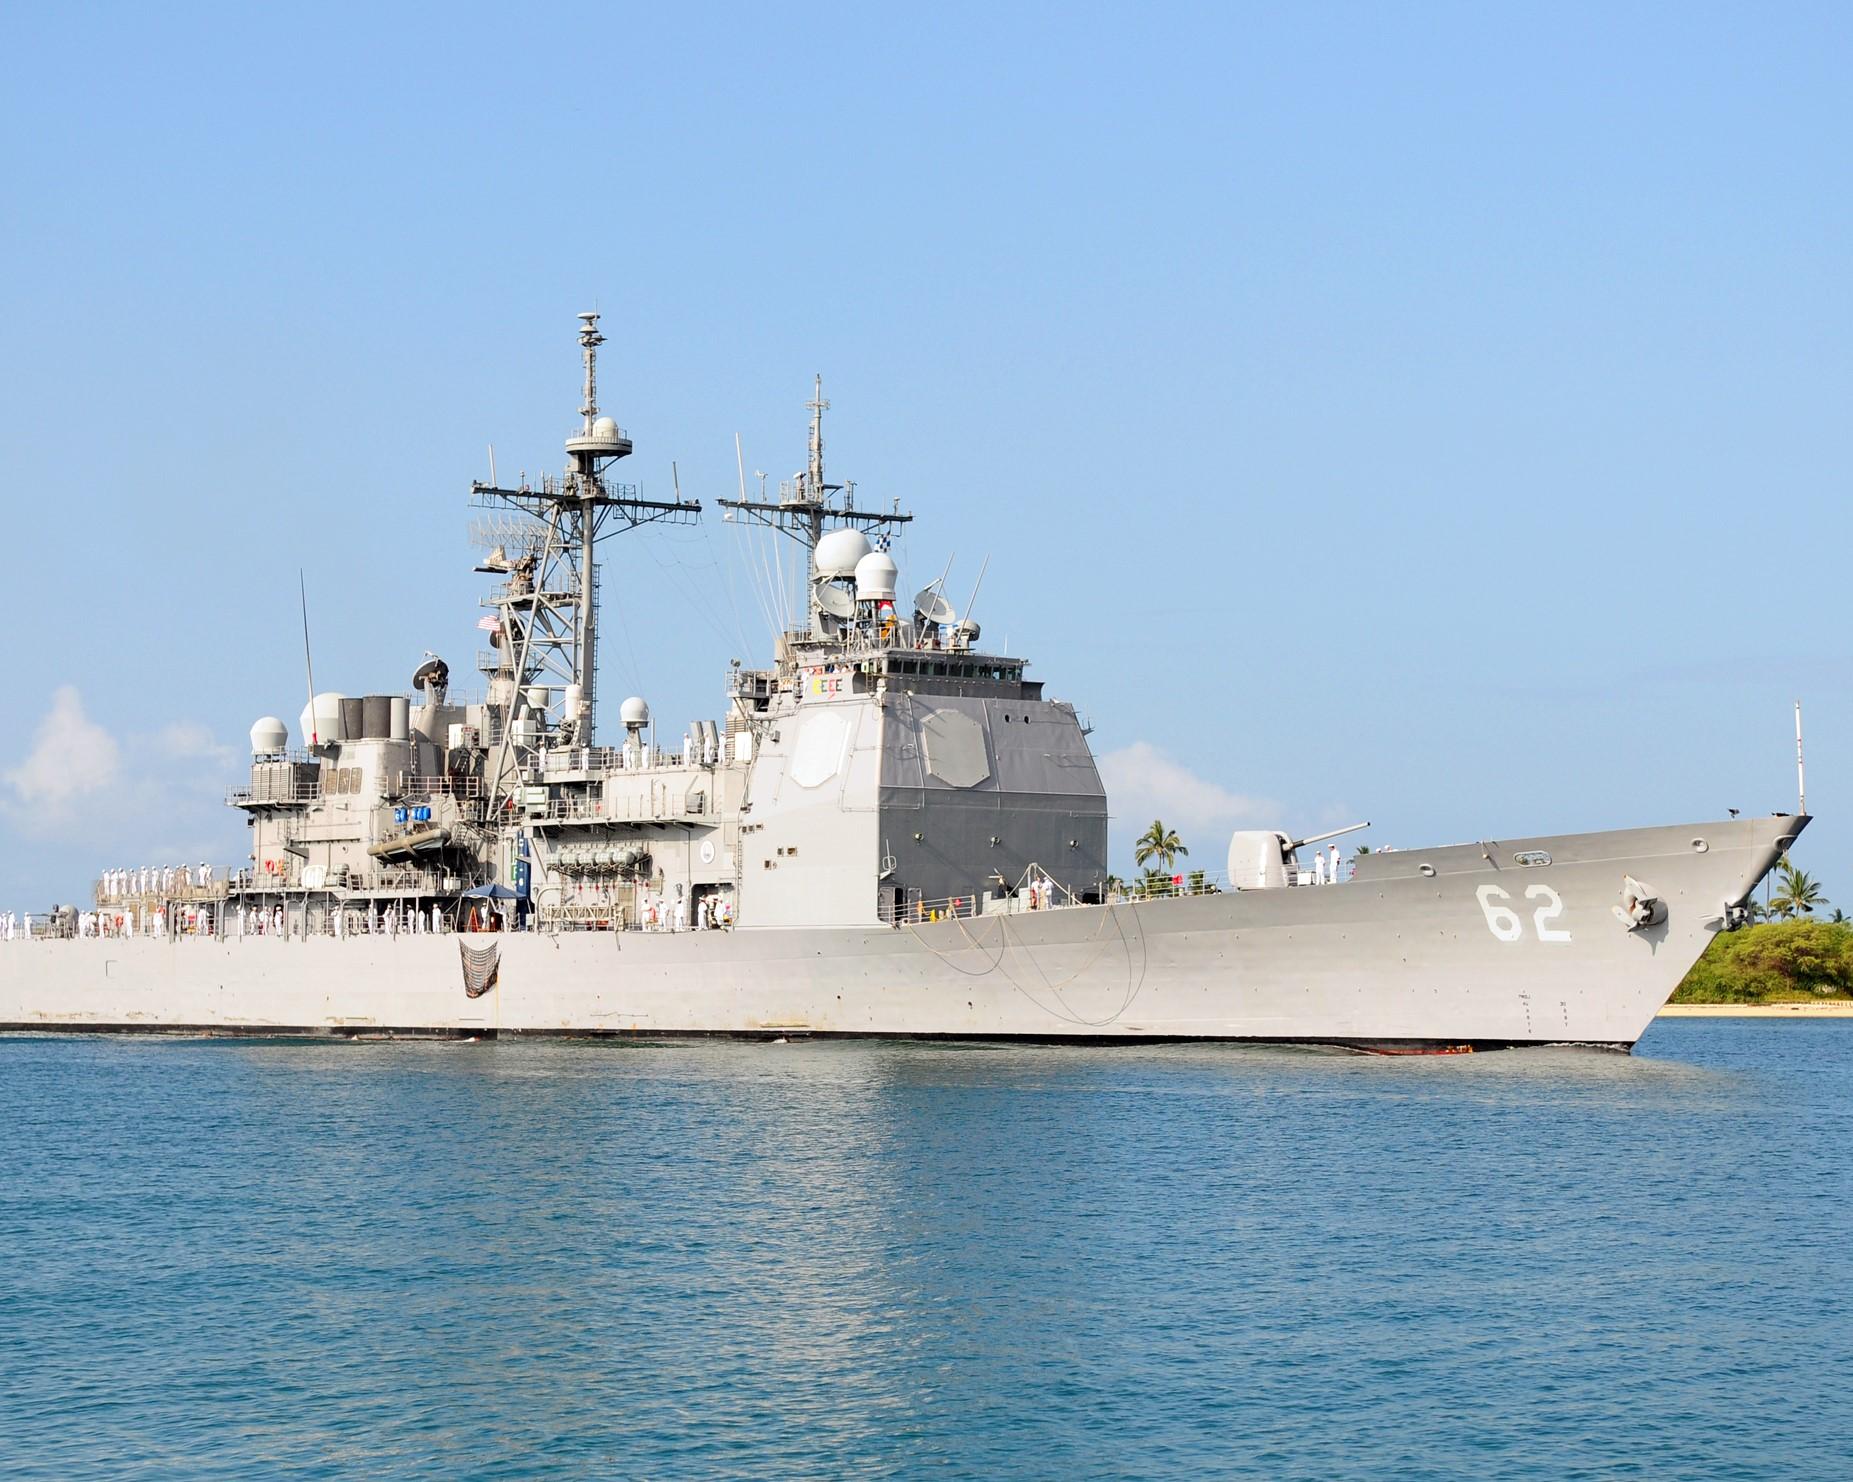 美国军舰再度穿越台湾海峡 今年第9次